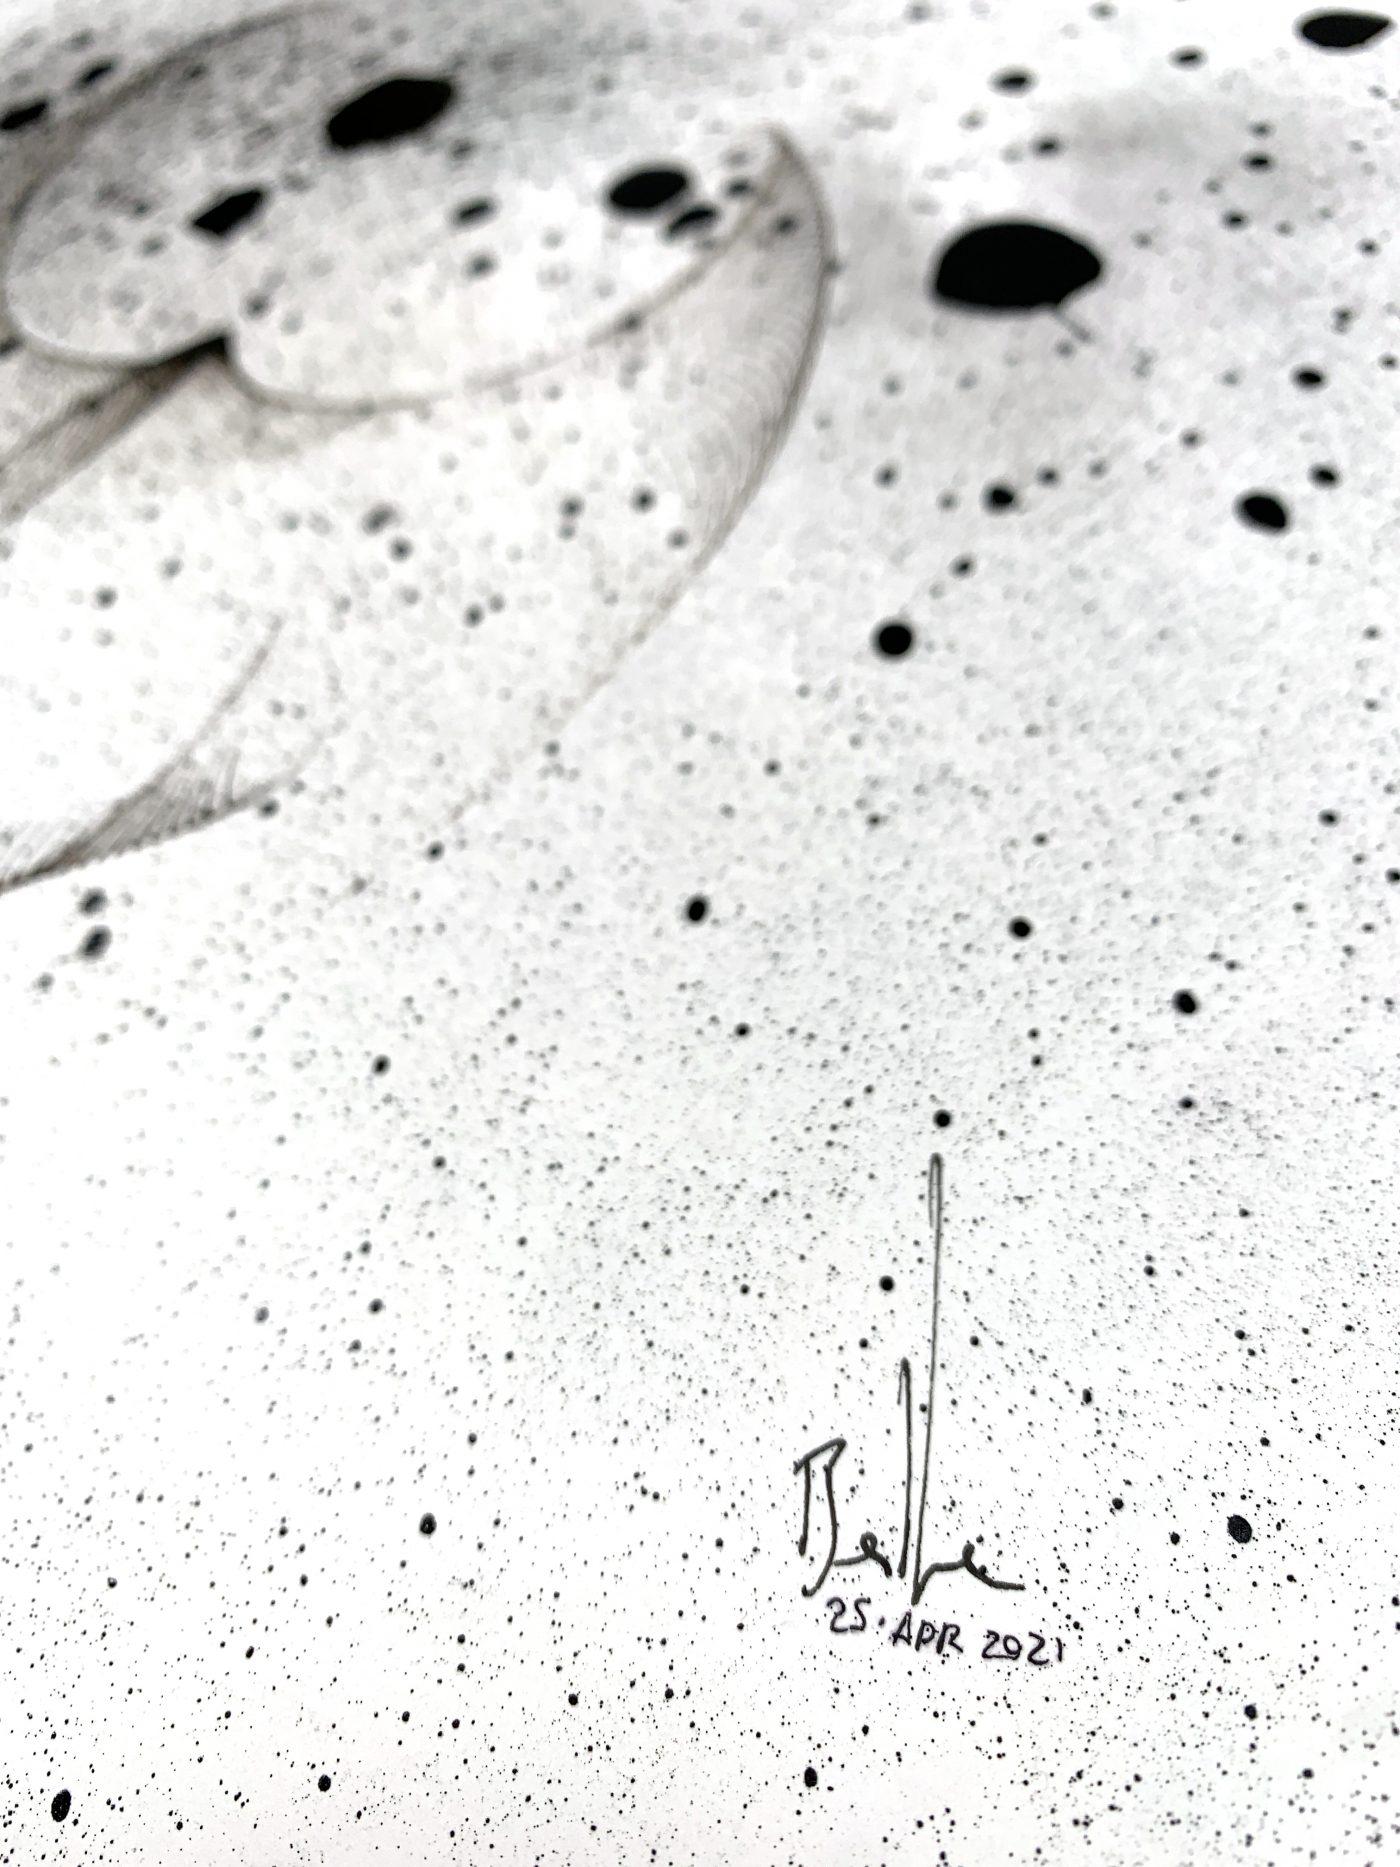 x481 - 25 Apr 2021